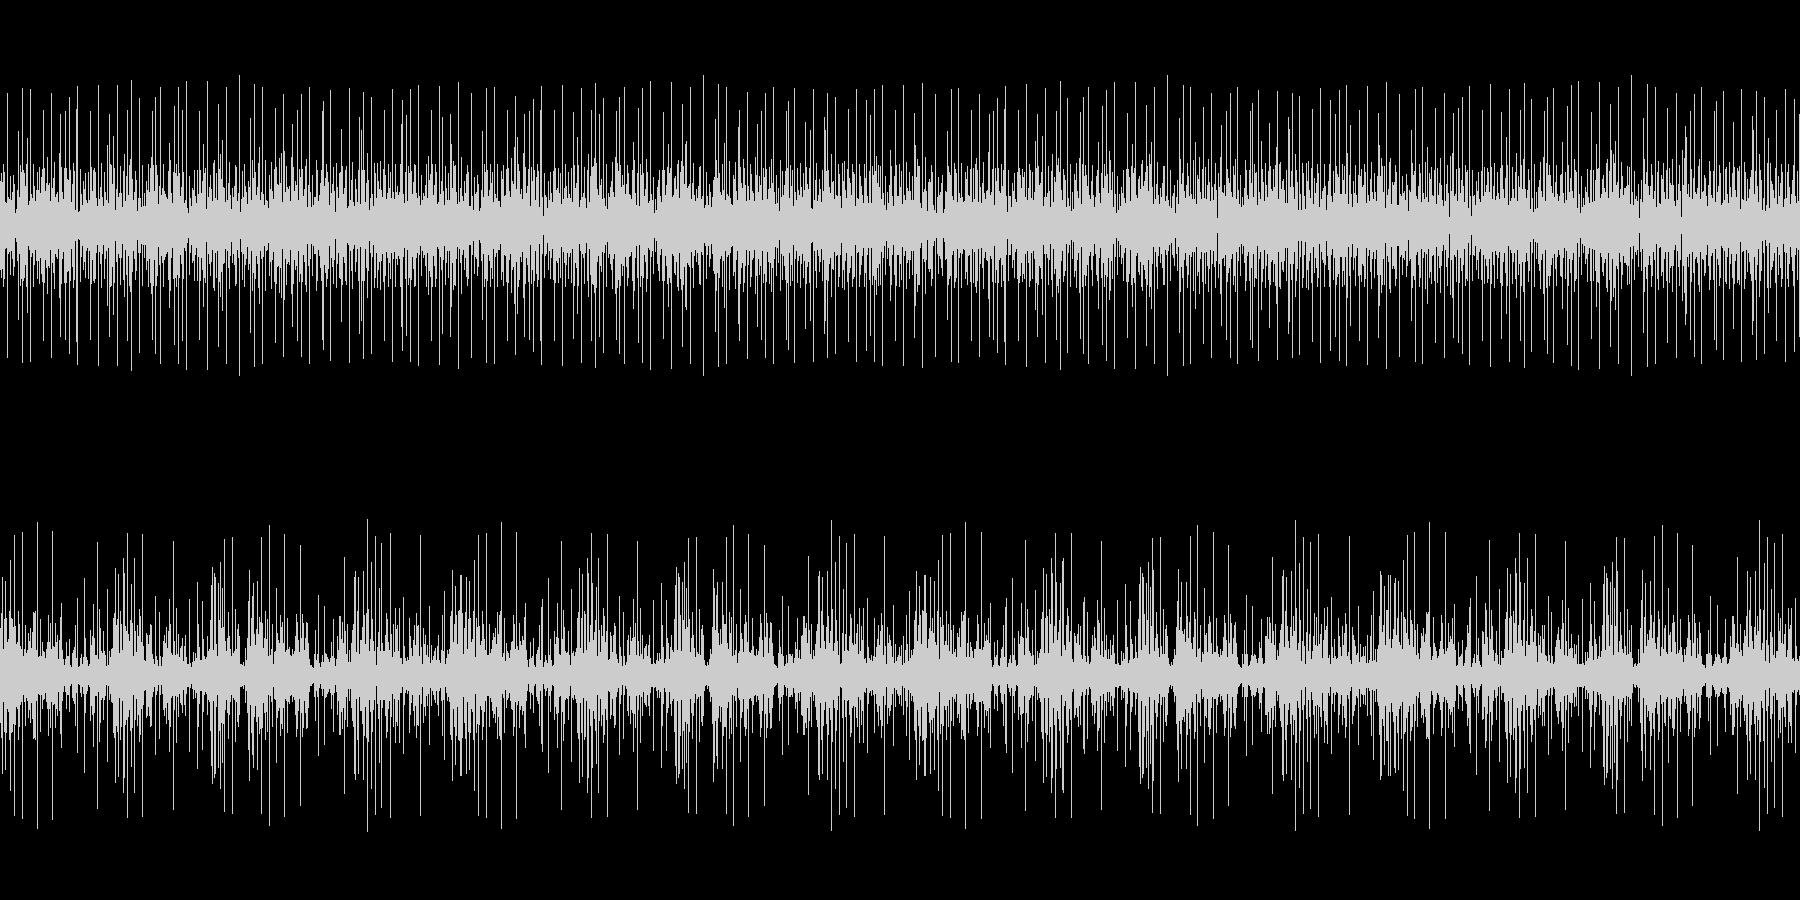 レコードノイズ:ノイズが強いバージョンの未再生の波形